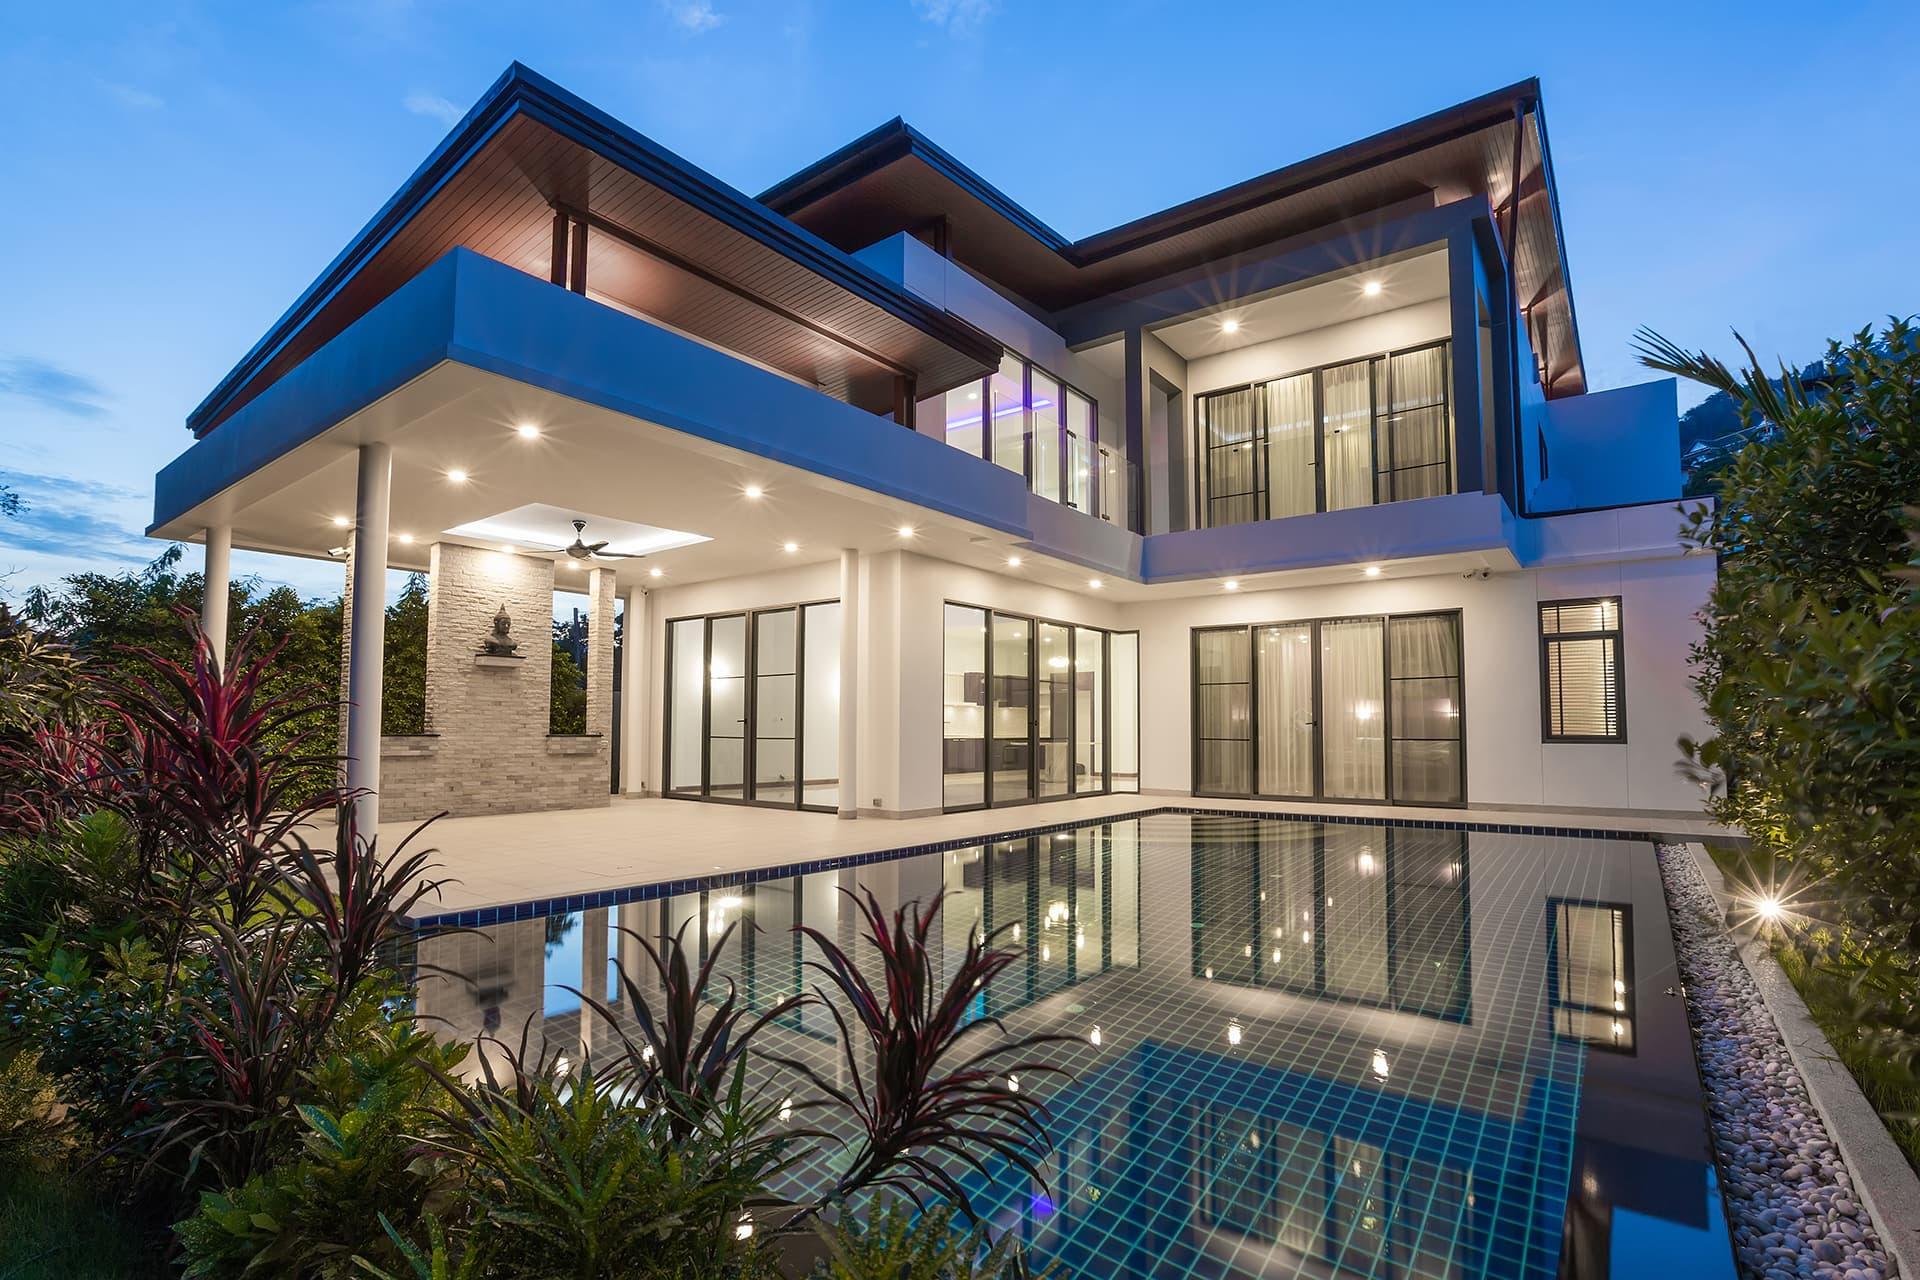 Serrature per abitazioni e residenze private